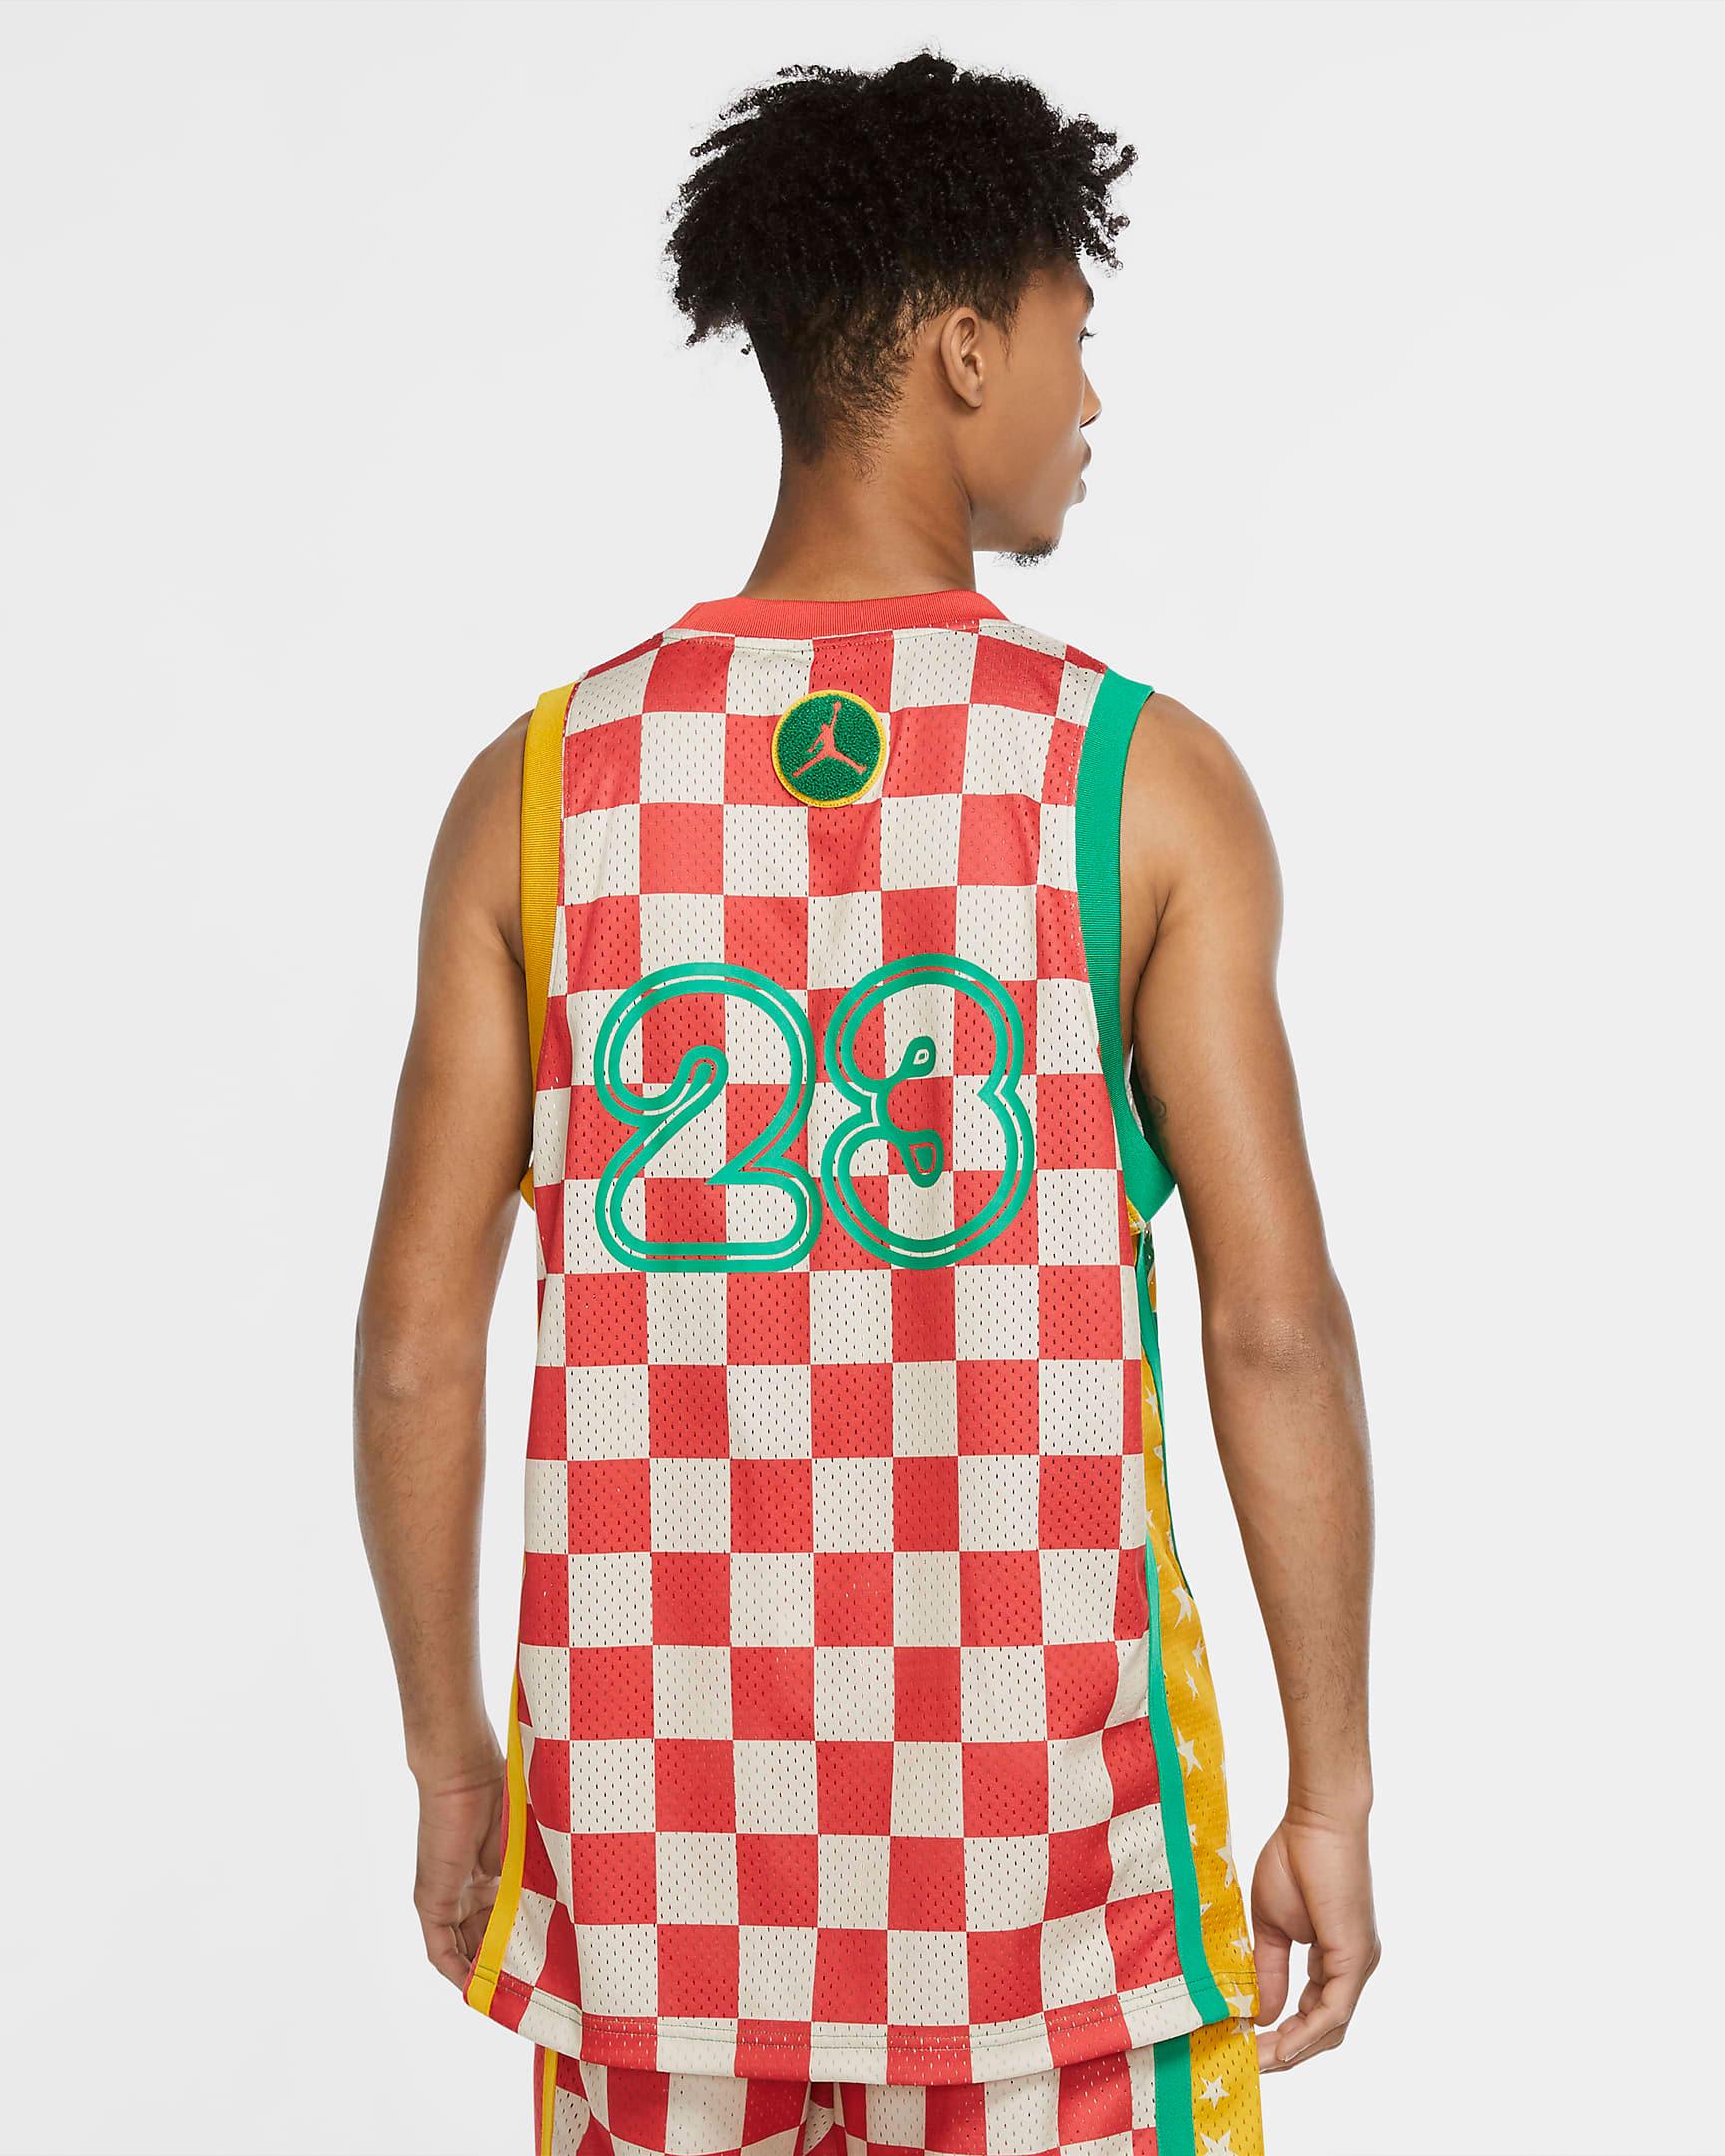 air-jordan-13-lucky-green-jersey-match-2